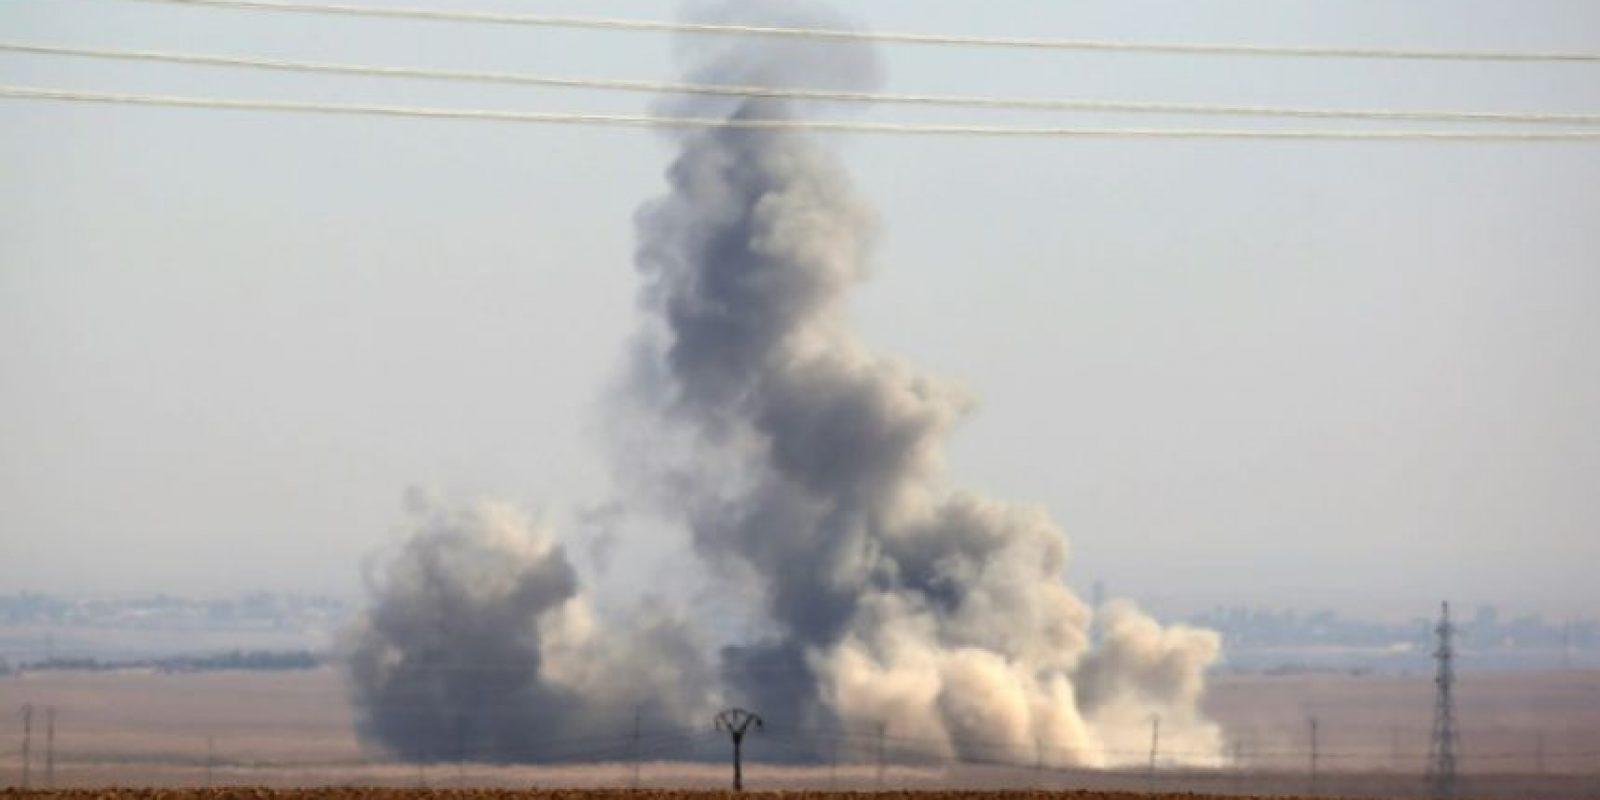 Una columna de humo fotografiada el 7 de noviembre de 2016 desde una posición de las Fuerzas Democráticas Sirias, una alianza kurdo-árabe apoyada por EEUU, en la localidad de Abu Al Ilaj, al norte de Raqa Foto:Delil Souleiman/afp.com